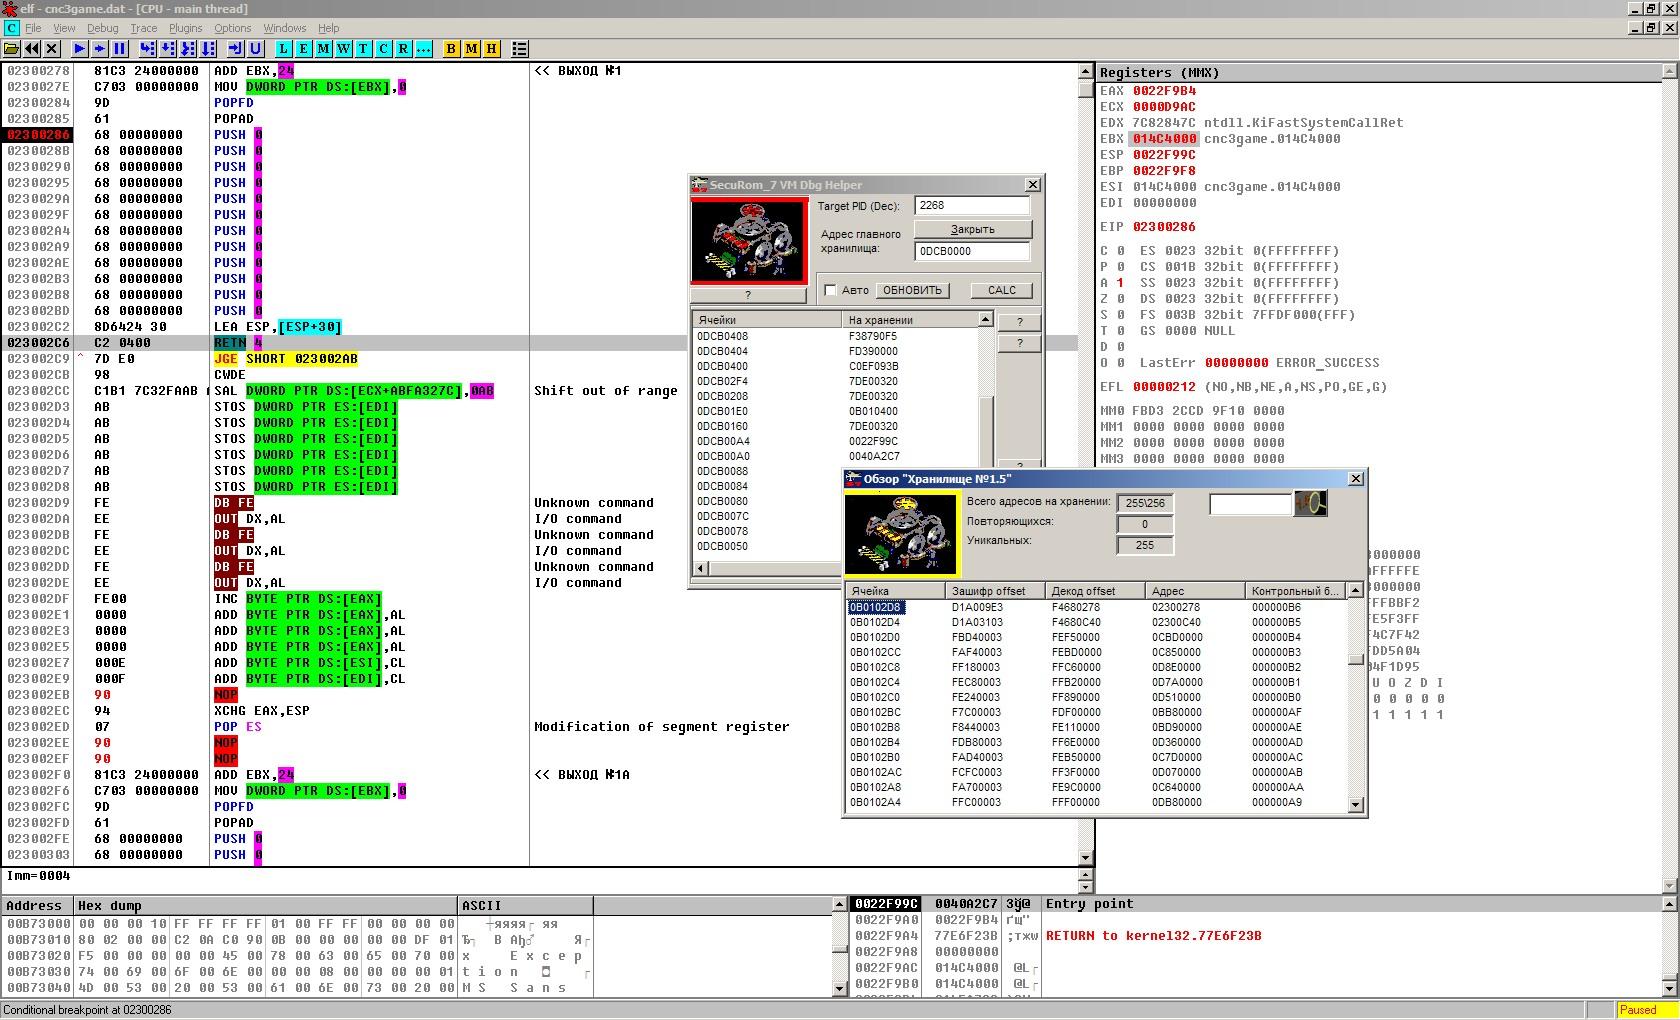 OEP на горизонте! VM под контролем xD